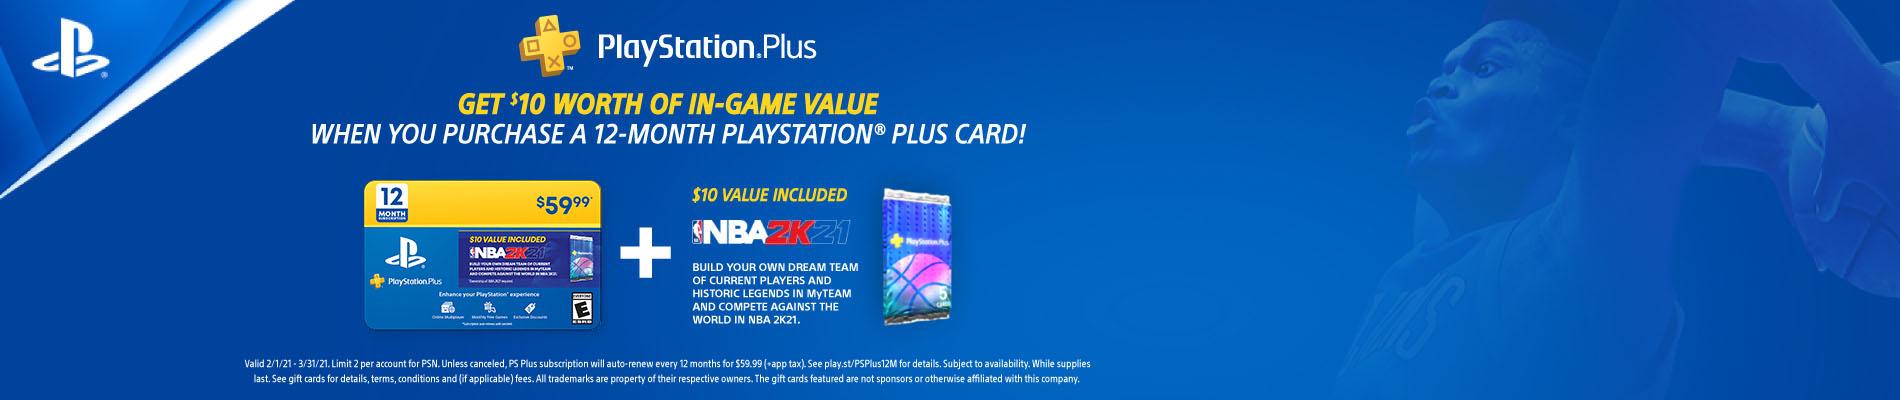 PlayStation Plus 12 Month Membership with NBA 2K21 Bonus eGift Card